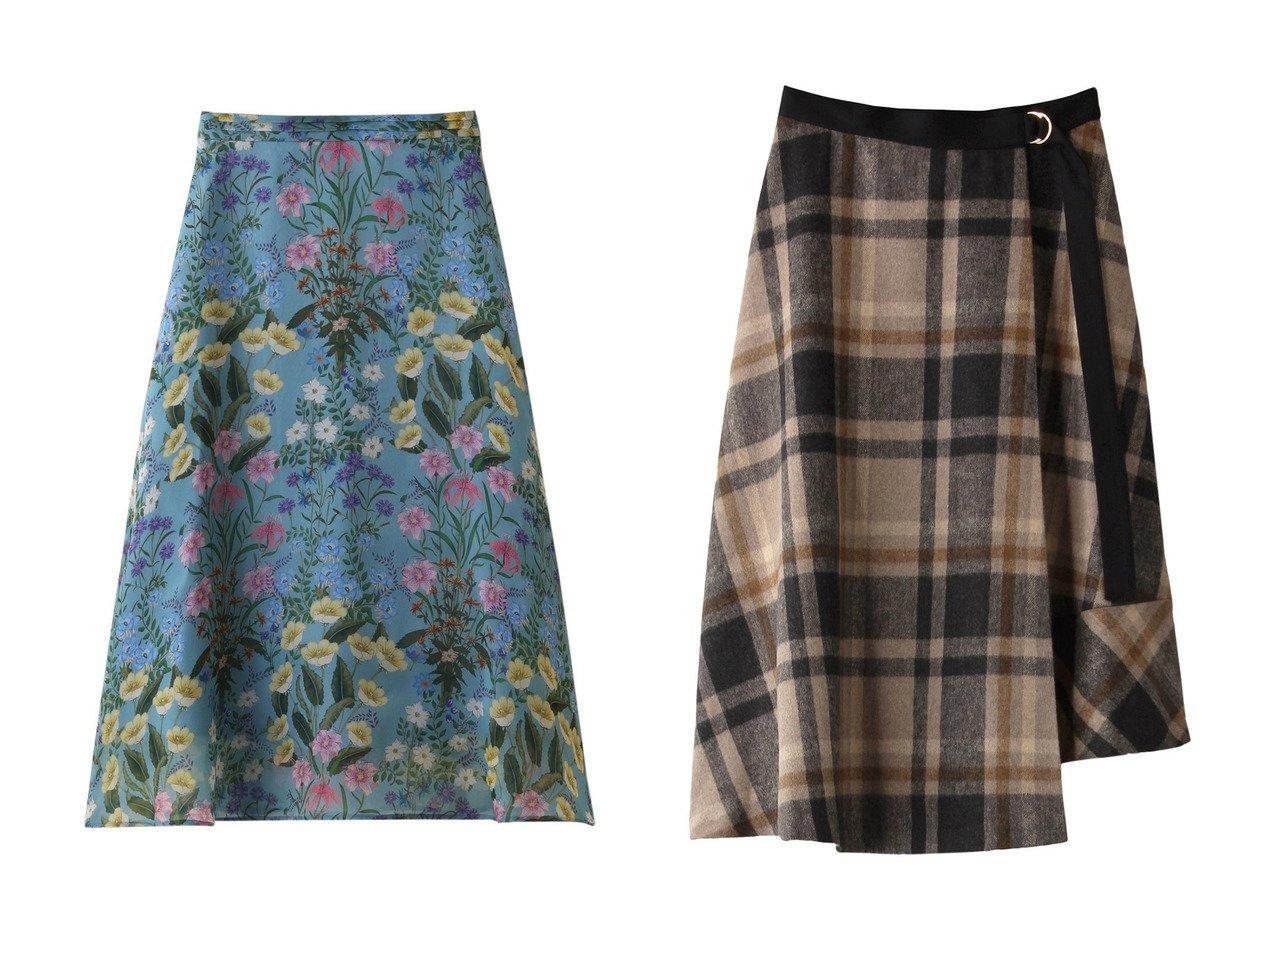 【allureville/アルアバイル】の【Loulou Willoughby】シアーボタニカルフレアースカート&BIGタータンチェックラップスカート allurevilleのおすすめ!人気、トレンド・レディースファッションの通販 おすすめで人気の流行・トレンド、ファッションの通販商品 メンズファッション・キッズファッション・インテリア・家具・レディースファッション・服の通販 founy(ファニー) https://founy.com/ ファッション Fashion レディースファッション WOMEN スカート Skirt 2021年 2021 2021 春夏 S/S SS Spring/Summer 2021 S/S 春夏 SS Spring/Summer シンプル フレア 春 Spring クラシカル ビッグ ラップ |ID:crp329100000018323